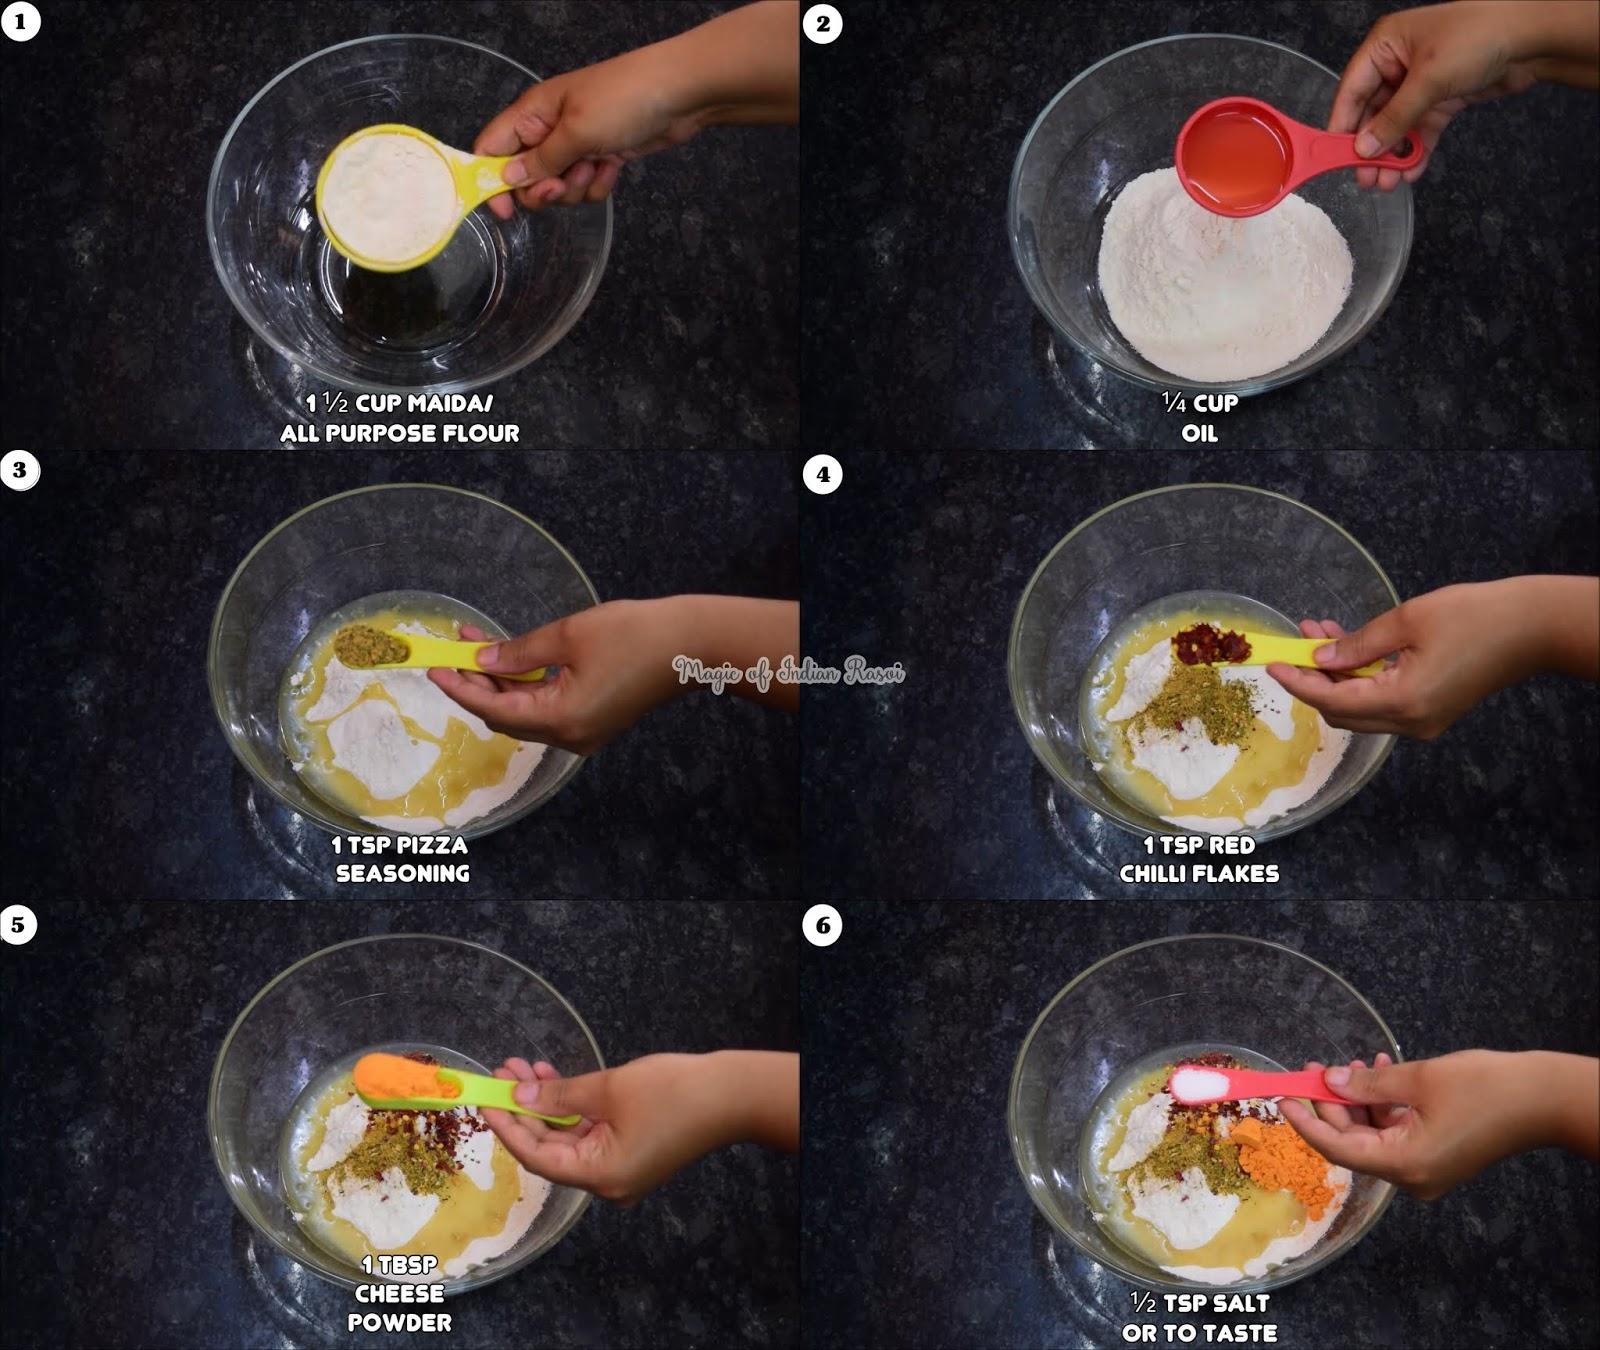 Pizza Mathri Bites Recipe - दीवाली के लिए बना-ये नए तरीके की पिज़्ज़ा मठरी रेसिपी - Priya R - Magic of Indian Rasoi